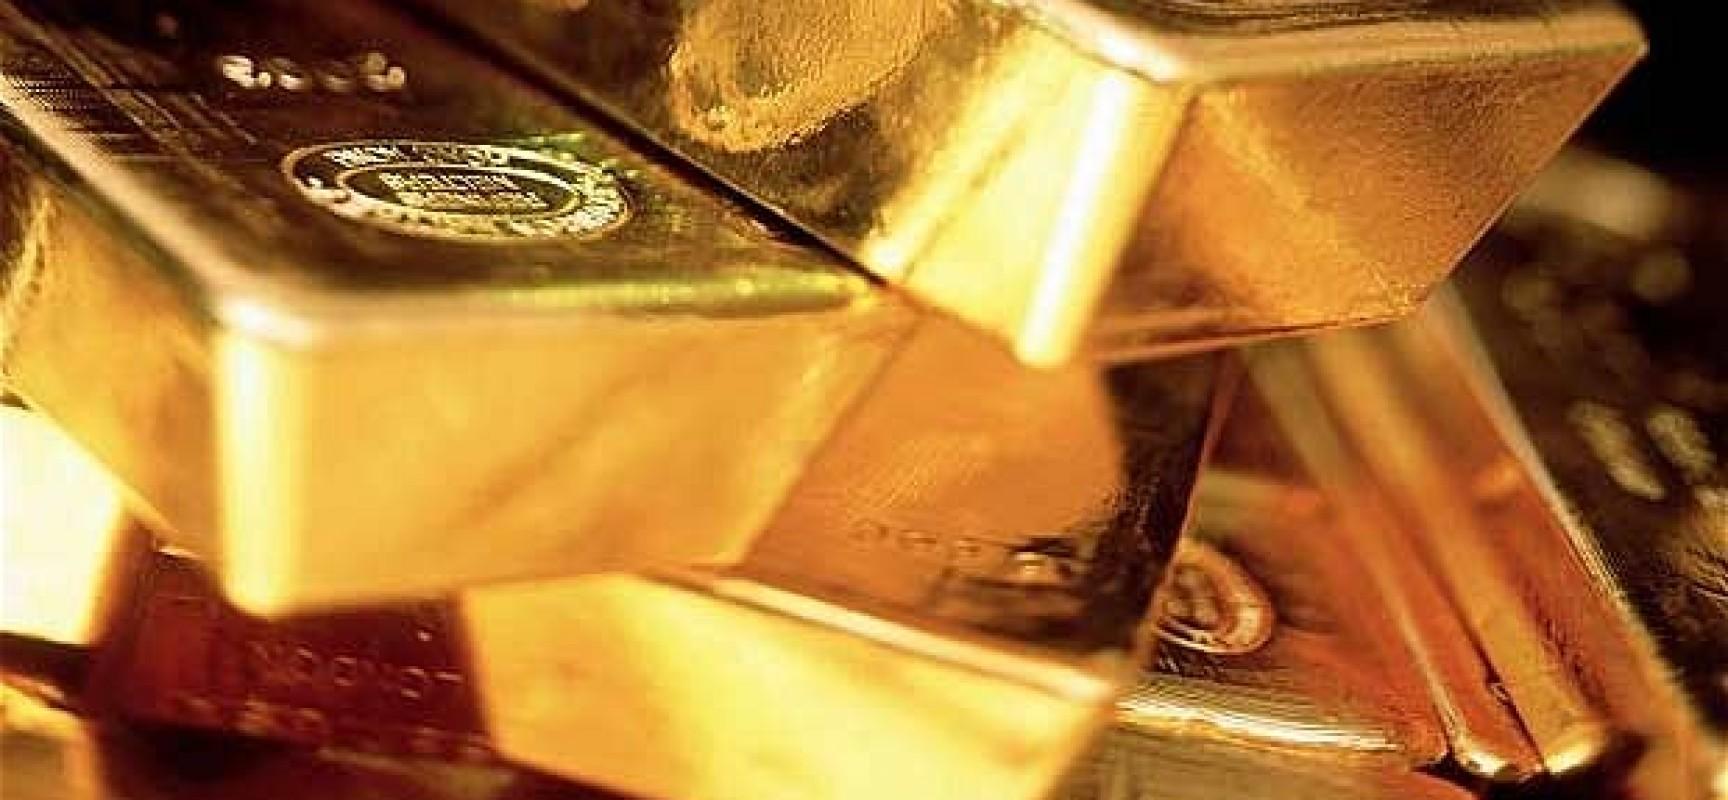 Золото лучше депозитного вклада - Бизнес журнал